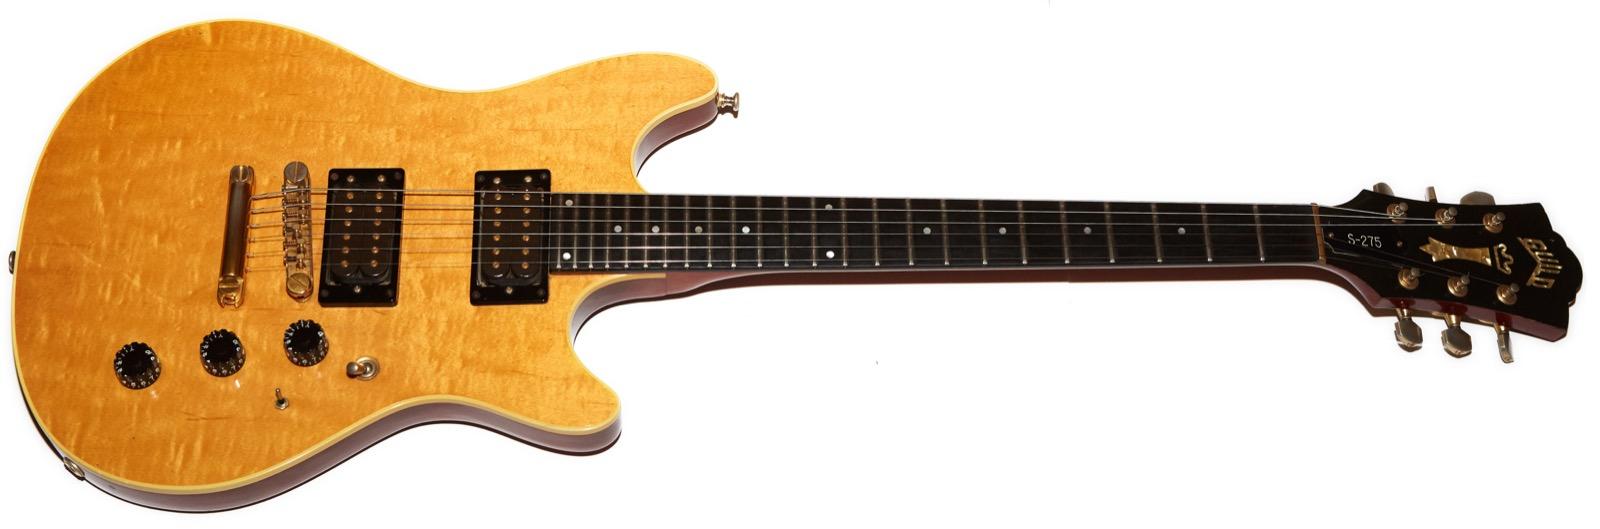 1982-Guild-S275-TopFull